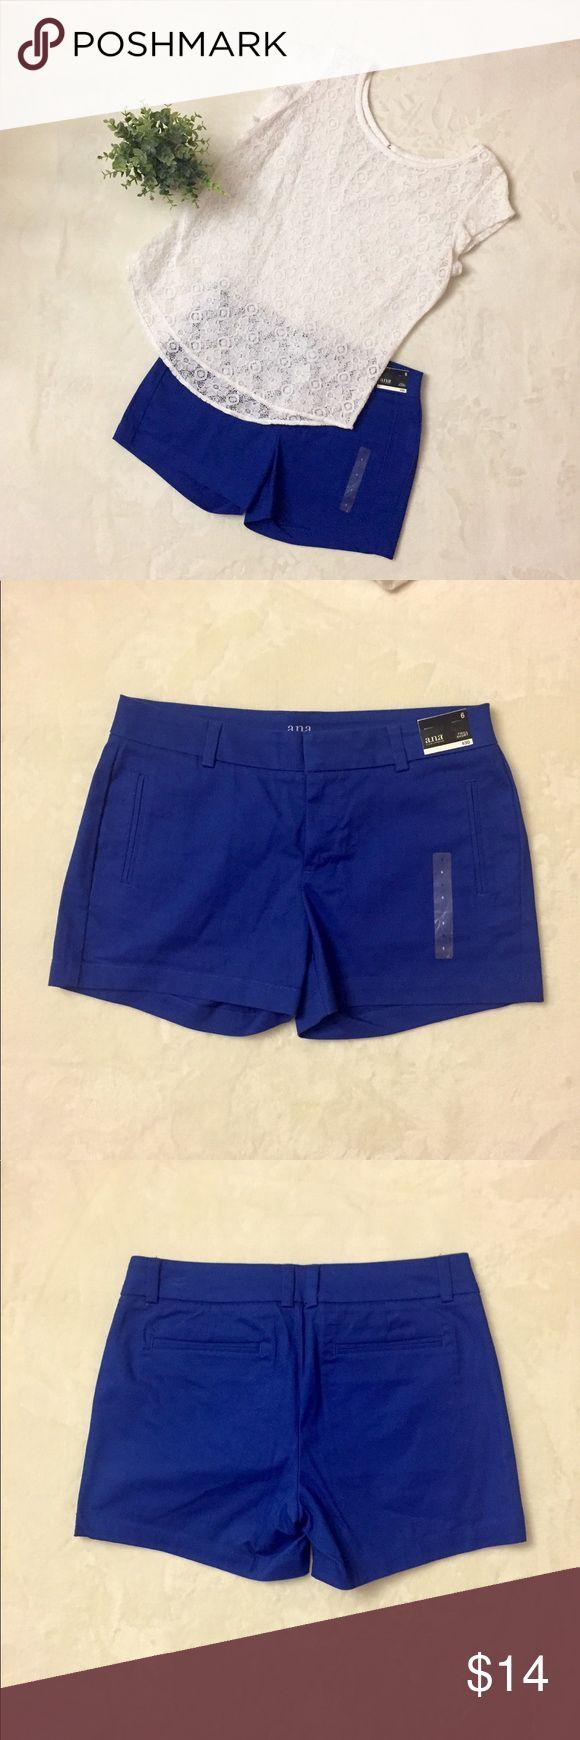 NWT a.n.a Cobalt Blue Twill Shorts, Size 6 NWT a.n.a Cobalt Blue Twill Shorts, Size 6 a.n.a Shorts